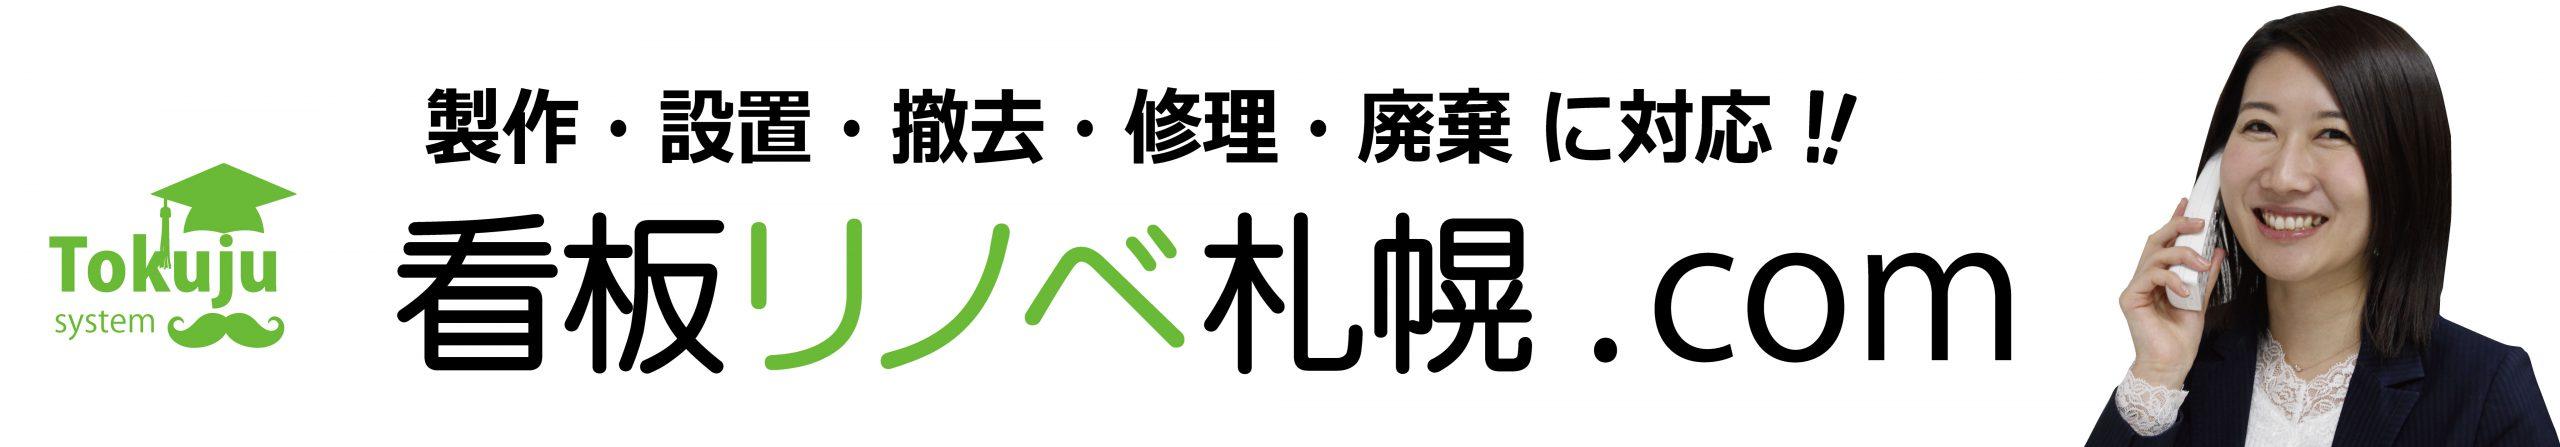 実績多数!【 看板リノベ札幌.com 】  (無料相談) ・・・お得な情報・事例 札幌、札幌近郊の 看板 制作  リノベーション ) 施工 製作・印刷・補修・撤去・管理・LED